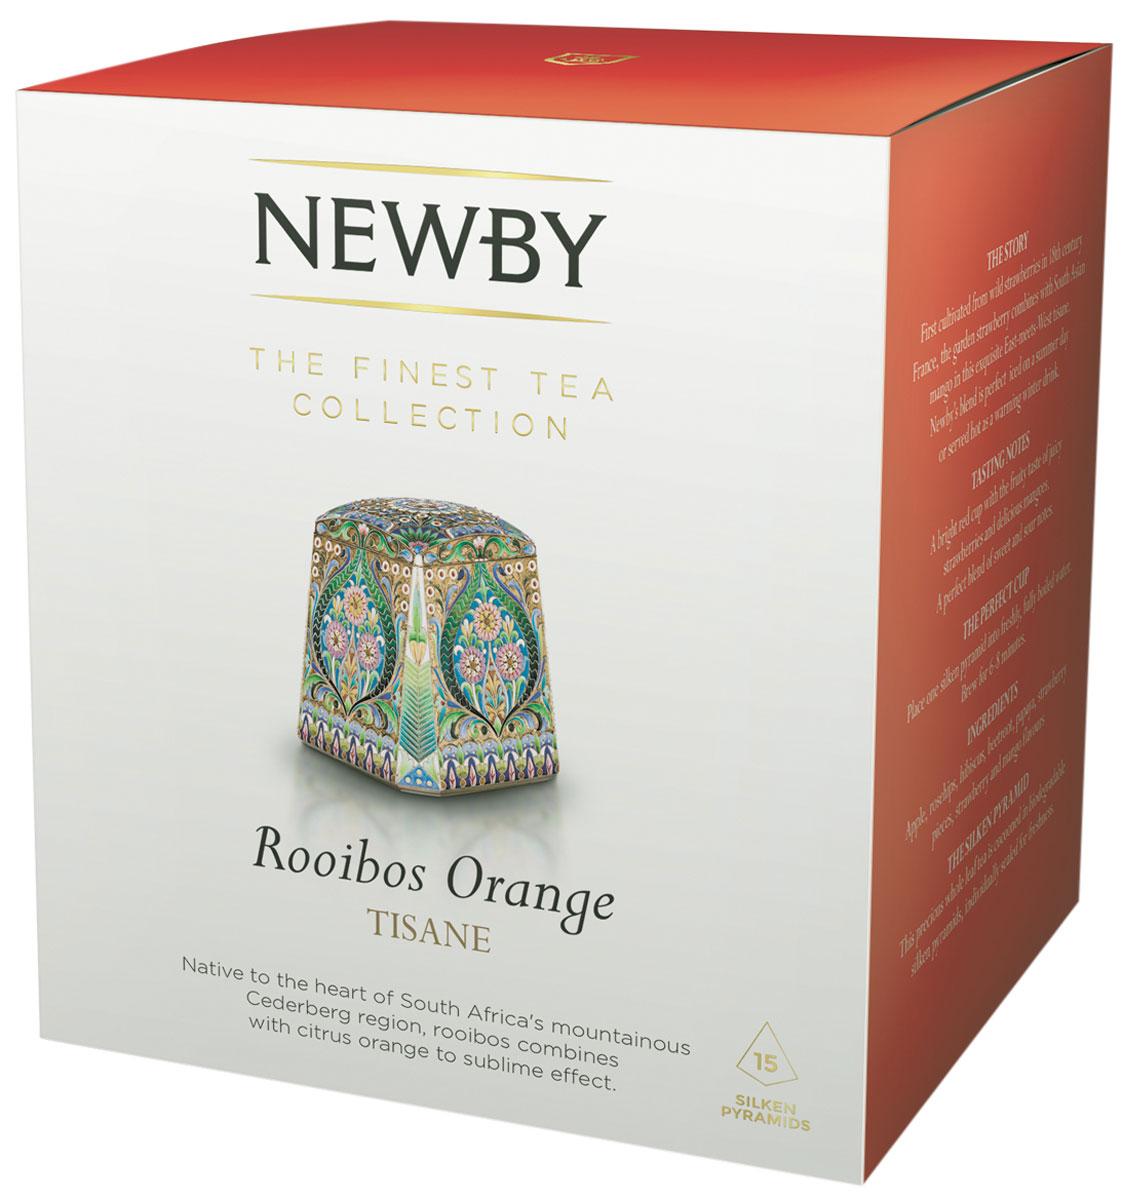 Newby Roiboos Orange травяной чай в пирамидках, 15 шт601220ANewby Roiboos Orange с цедрой апельсина дает мягкий настой ярко-оранжевого цвета с фруктово-цитрусовыми нотками. Каждая пирамидка упакована в индивидуальное саше из алюминиевой фольги для сохранения свежести ингредиентов.Всё о чае: сорта, факты, советы по выбору и употреблению. Статья OZON Гид